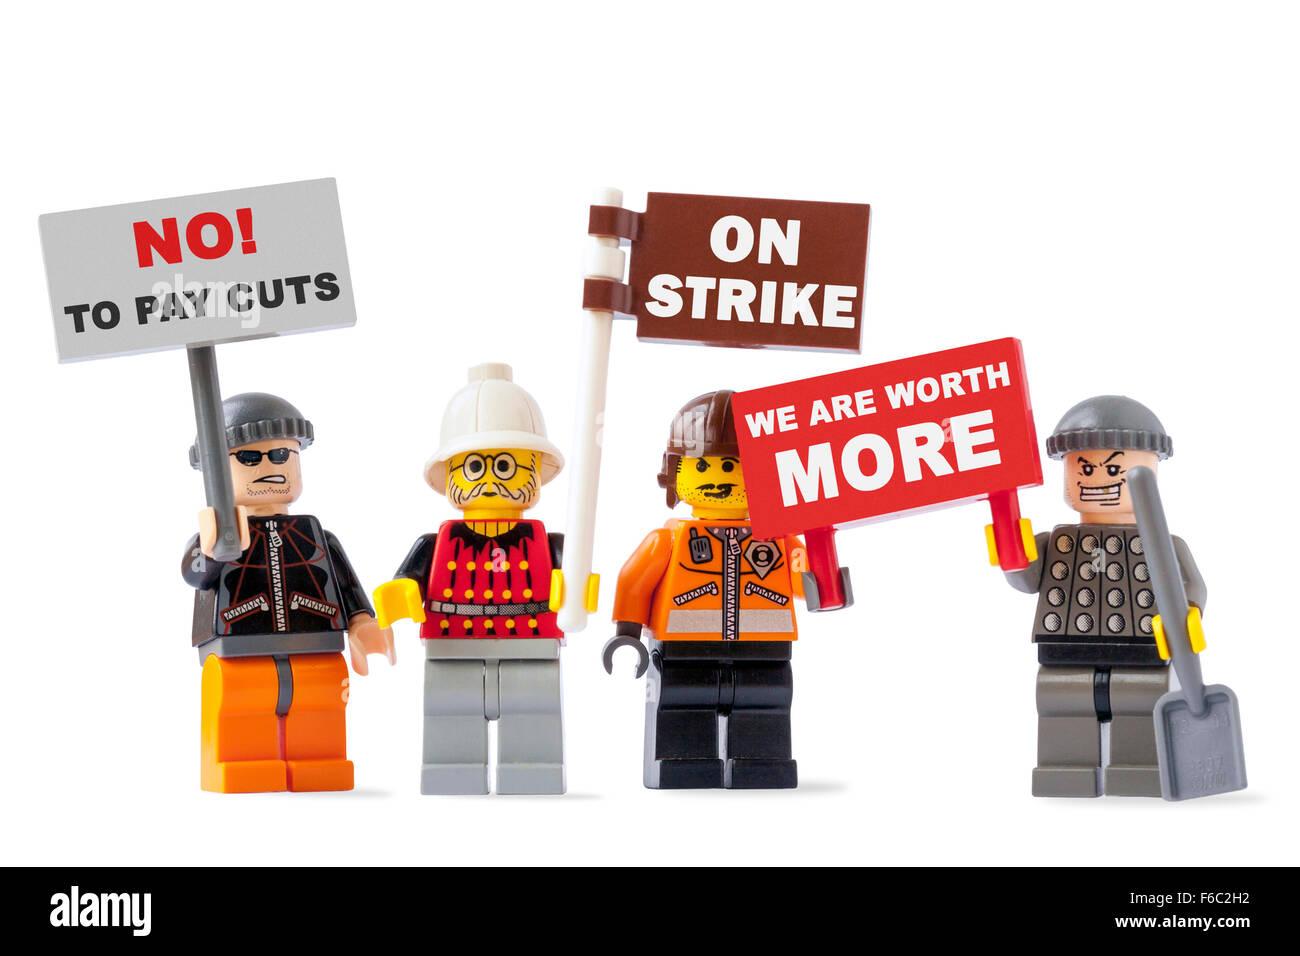 Les travailleurs en grève concept avec quatre figurines jouets isolé sur fond blanc et holding signs avec Photo Stock